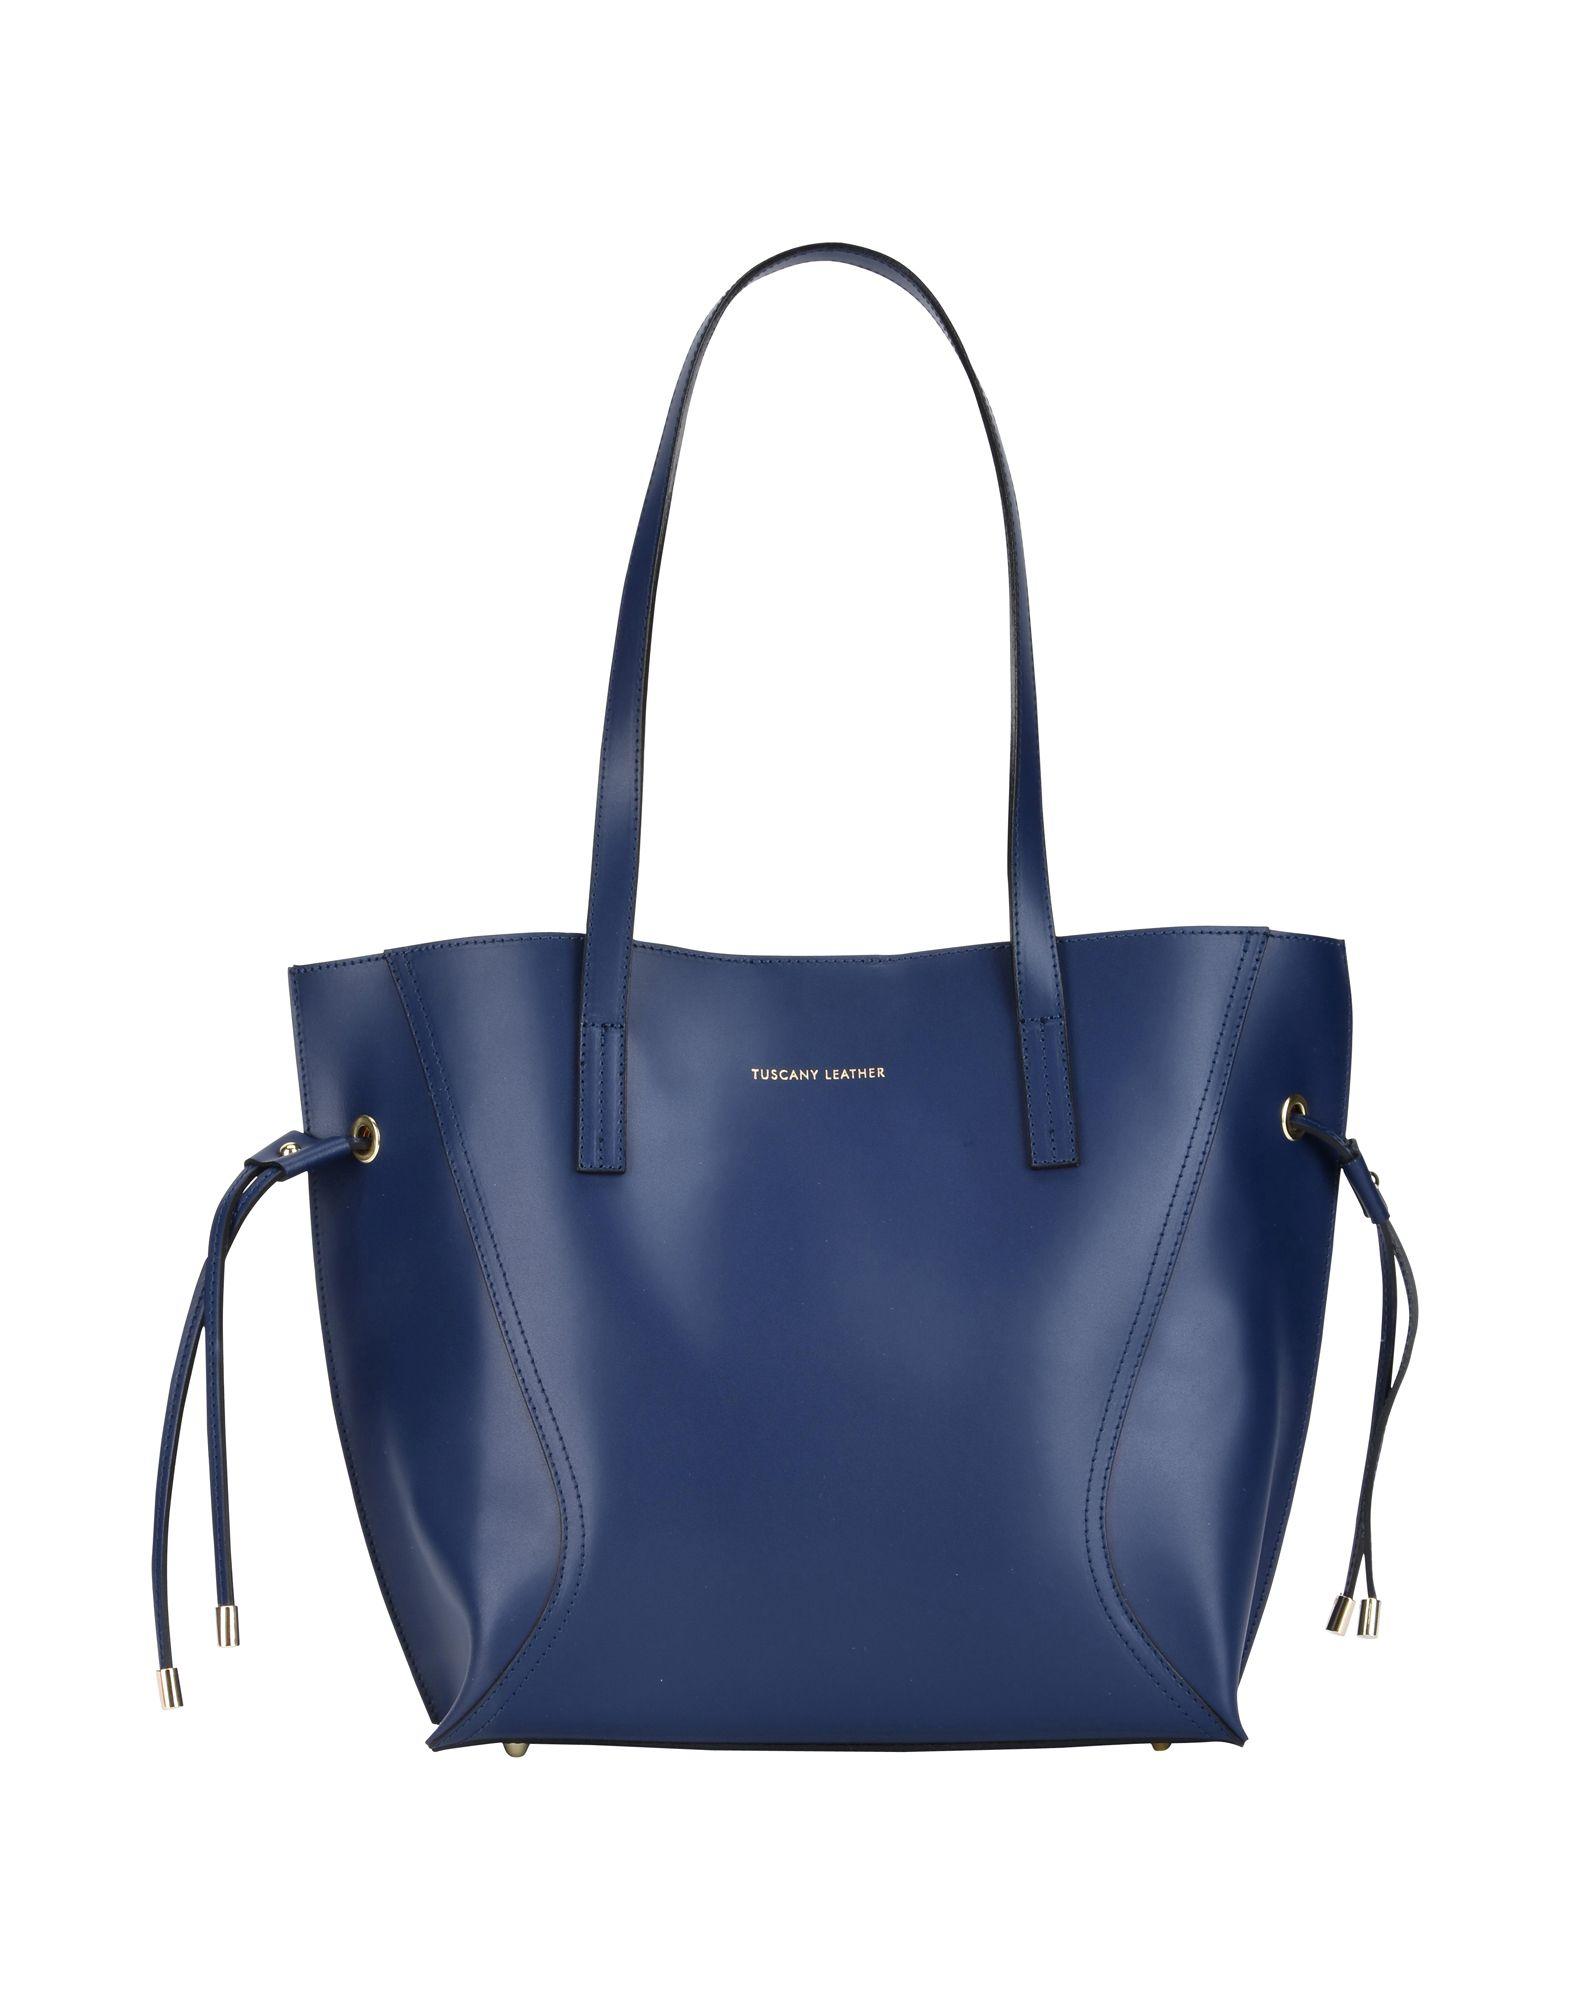 Borsa A Spalla Tuscany Leather Donna - Acquista online su